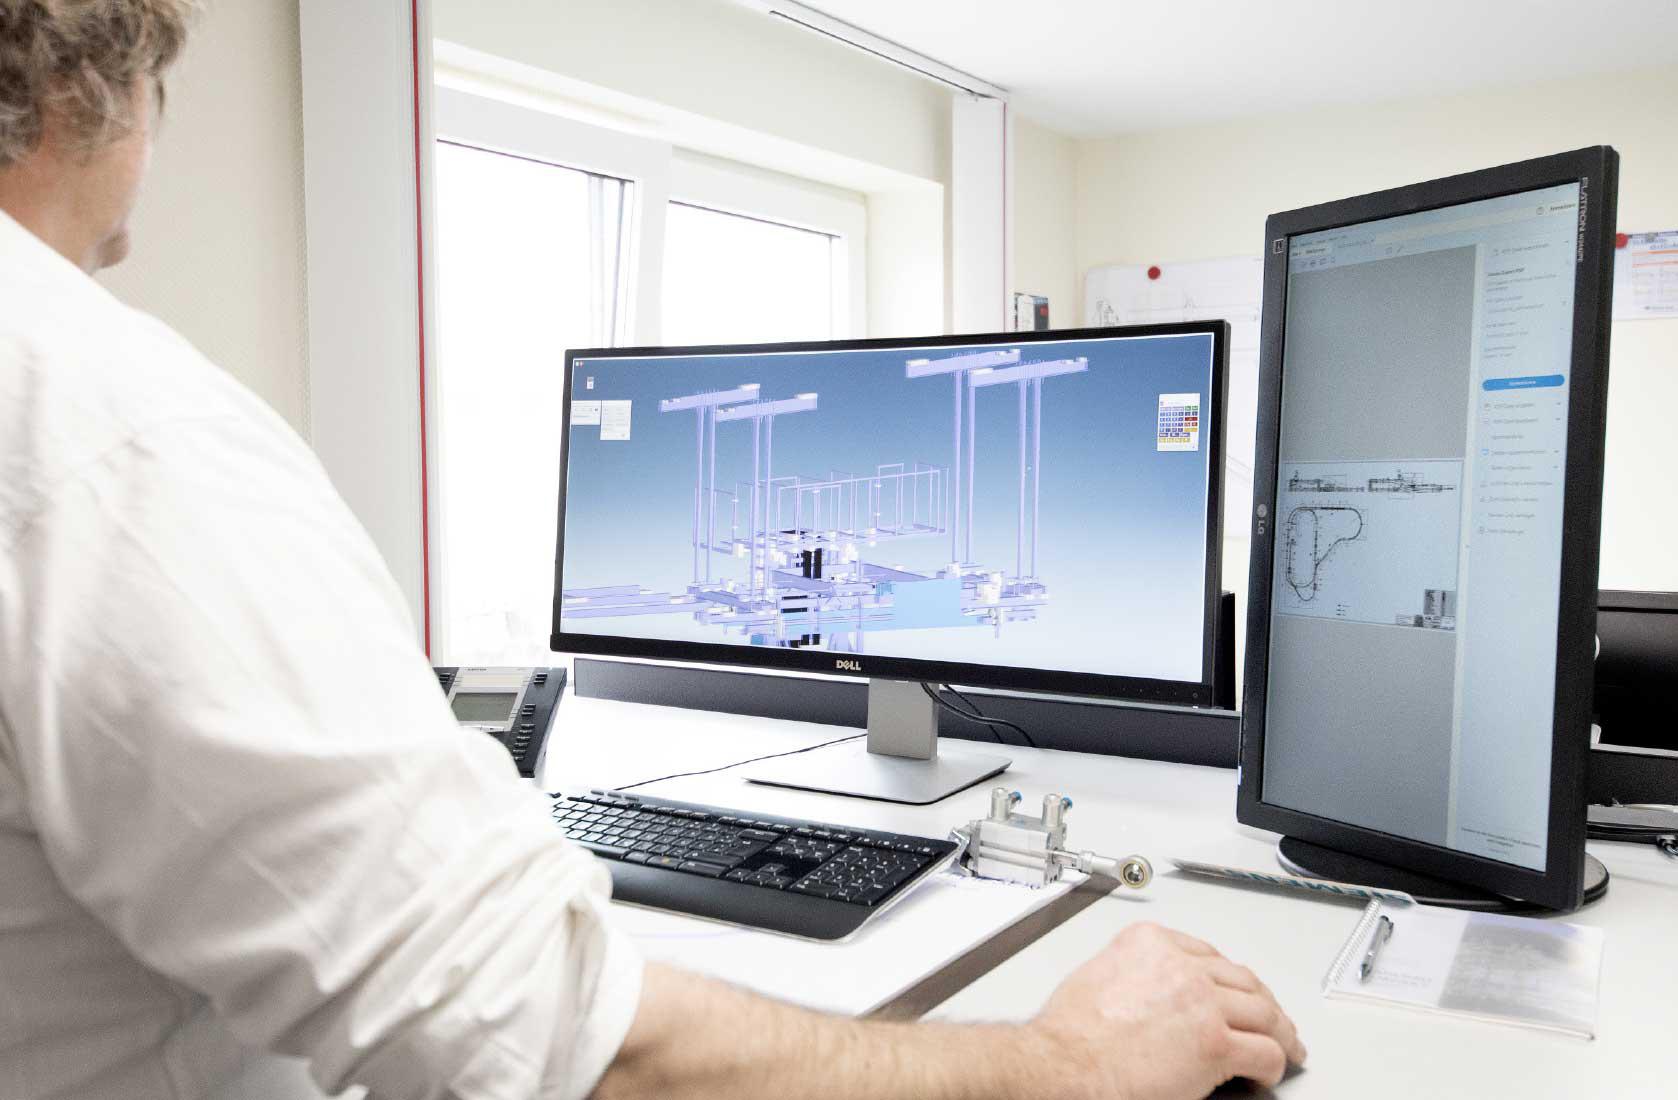 Für die Fabrikplanung bietet der Markt verschiedene leistungsfähige CAD-Programme. (Bild: SEH Engineering GmbH)